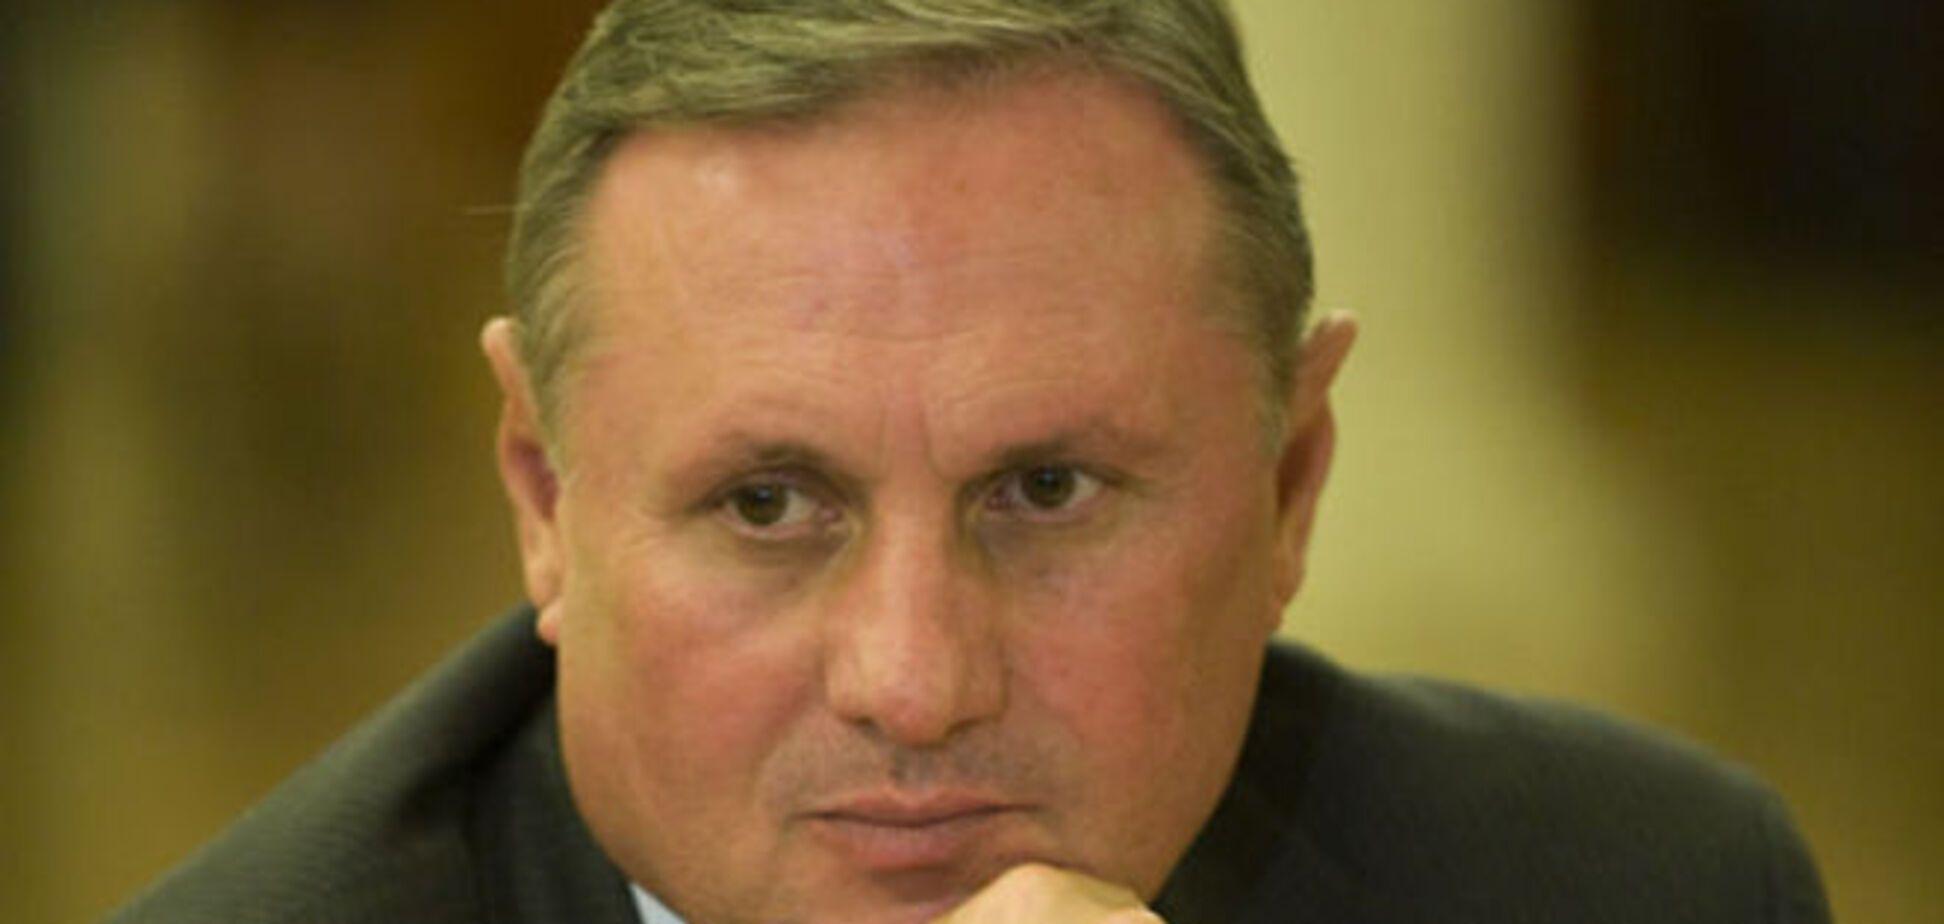 СБУ назвала еще одну статью, по которой могут судить Ефремова: документ